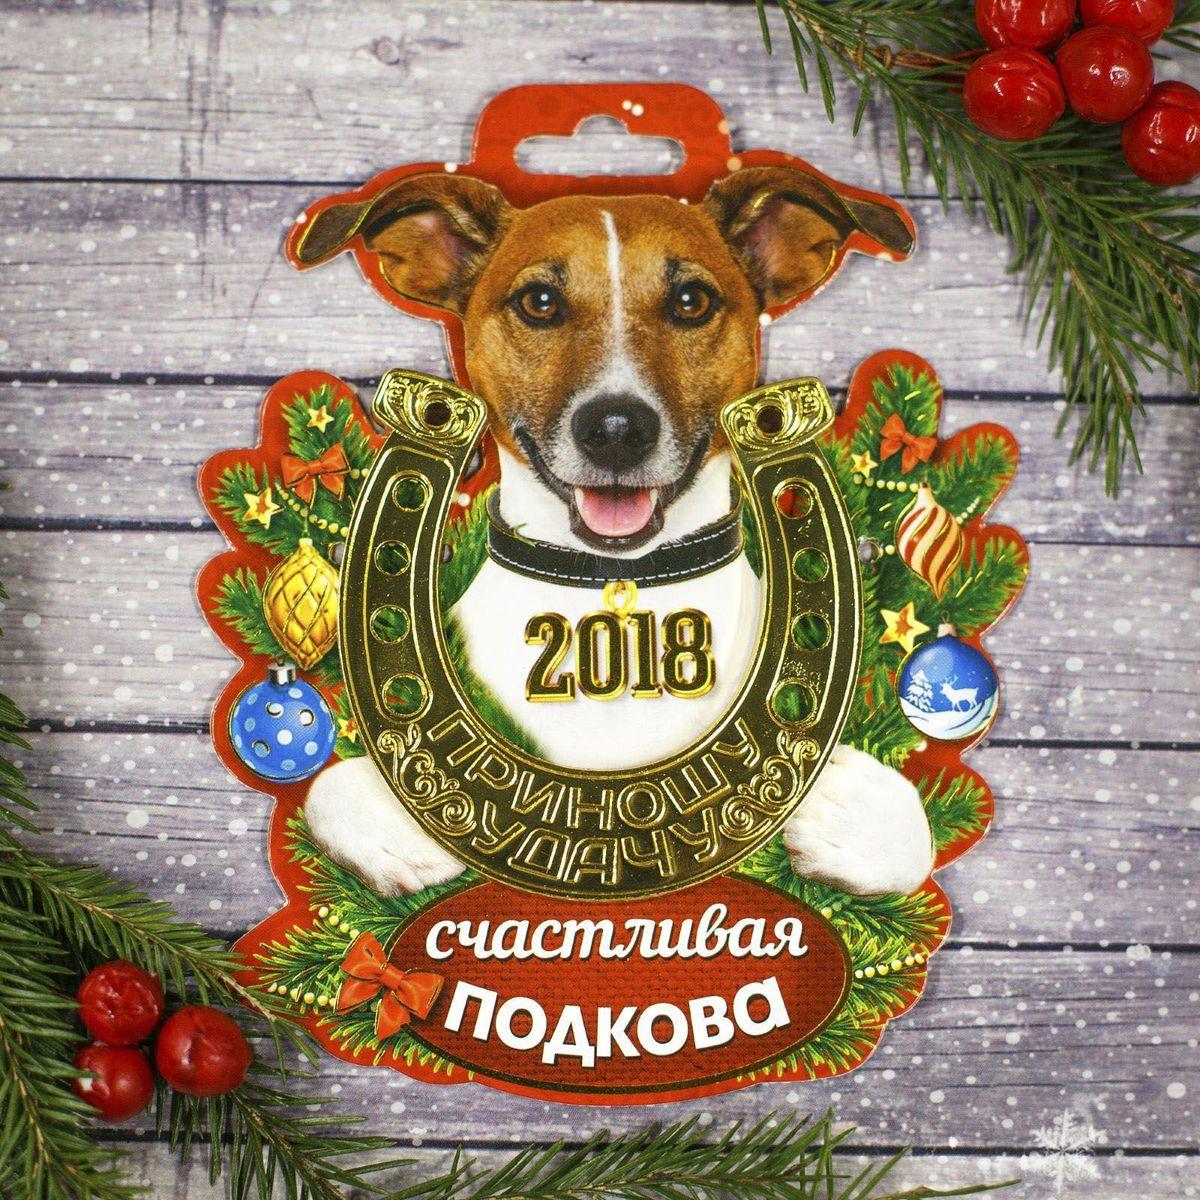 Подкова на подложке Sima-land Счастливая, цвет: коричнево-красный, 7 см2268612Приближаются самые добрые и долгожданные праздники — Новый год и Рождество. Подкова Sima-land - это чудесный сувенир, способный привлечь счастье, успех и достаток, стоит лишь расположить его на рабочем столе дома или в офисе! Или носить с собой в качестве оберега. Такой подарок прекрасно впишется в любой интерьер и станет отличным атрибутом праздника, а также станет отличным оберегом своего хозяина.